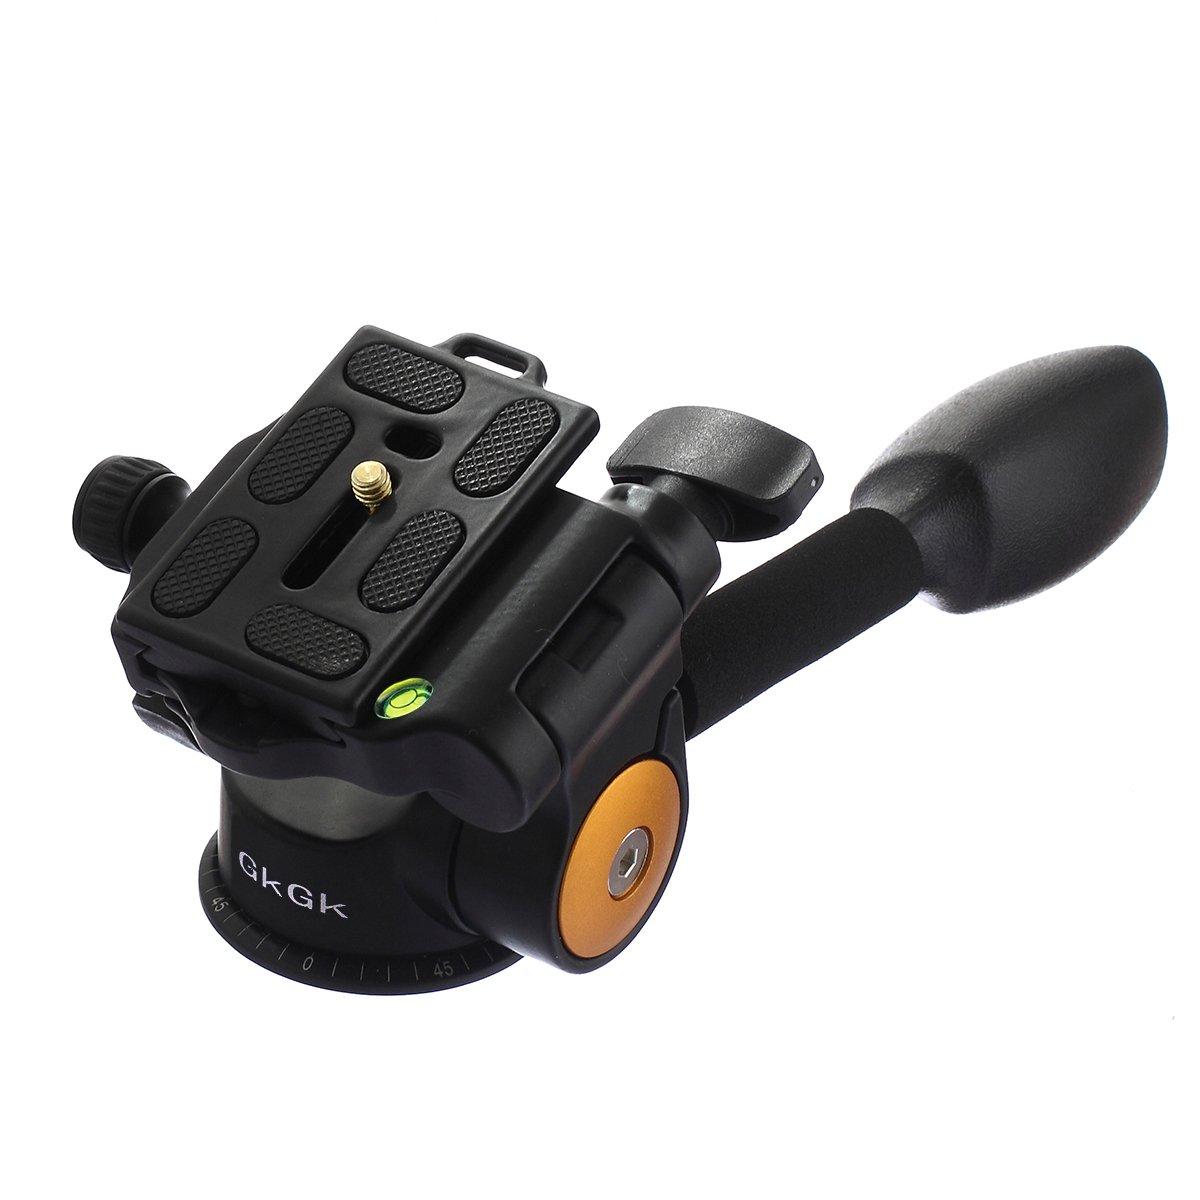 GkGk Rotation Hydraulic Three Dimensional Camcorder